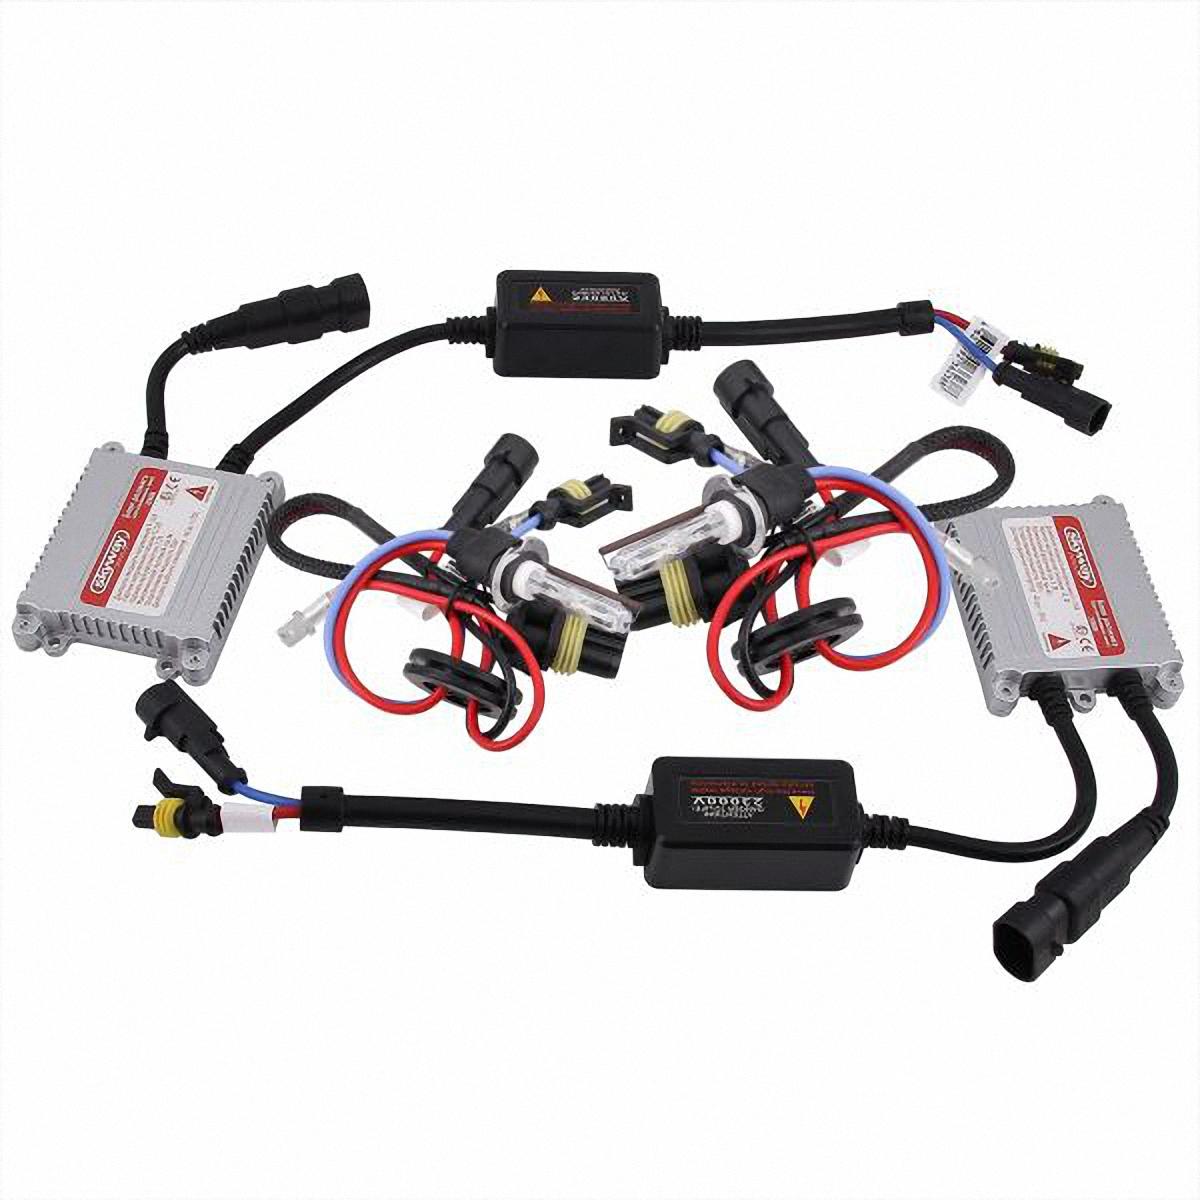 Лампа автомобильная Skyway, ксенон, цоколь H3, 35 Вт, 12 В, 2 шт. SH3 6000K D13 12V35WSH3 6000K D13 12V35WЛампы автомобильные Skyway - комплект ксеноновых ламп с блоком розжига. Цоколь Н3 применяется для противотуманных фар. Автолампа ксенон Skyway устойчива к тряскам, имеет продолжительный срок эксплуатации. За счет лучшегоосвещениядорожной разметки и дорожных знаков, вы будите чувствовать себяуверенно в плохих погодных условиях и в темное время суток. А мягкий белый свет лампы не ослепляет водителей встречного потока автомобилей.Цветовая температура: 6000 К. Яркость: 3200 Лм. Тип цоколя: Н3. Диапазон входного напряжения: 9-16 В. Потребляемая мощность: 35 Вт.Комплектация:Лампа газоразрядная ксеноновая - 2 шт.Блок розжига - 2 шт.Винты для блока розжига - 6шт.Гарантийный талон - 1 шт.Инструкция - 1 шт.